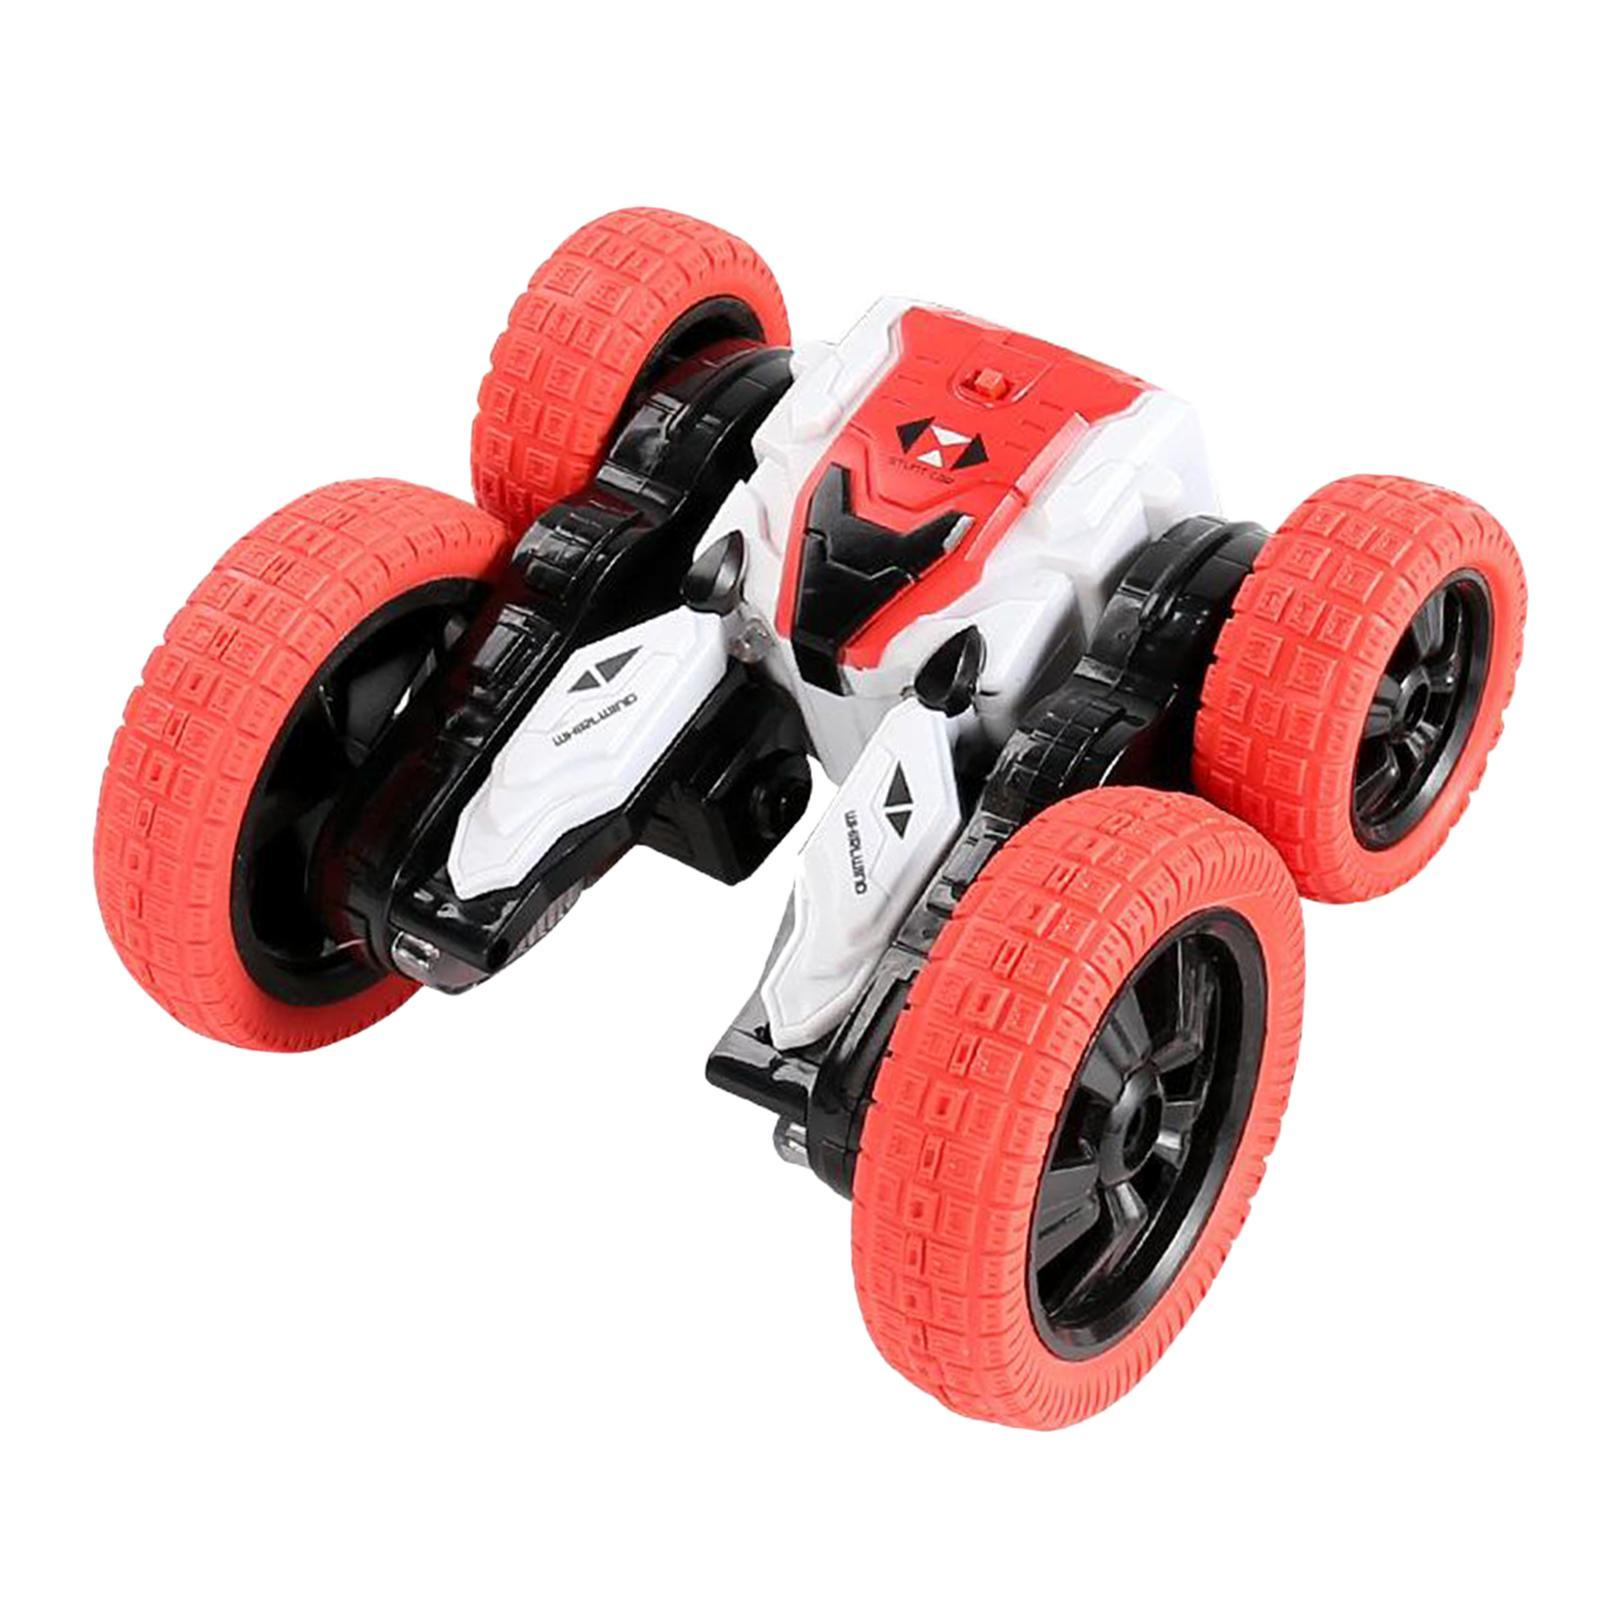 miniatura 32 - Telecomando Auto Stunt Car Giocattolo Per Bambini 2.4GHz di Controllo Remoto